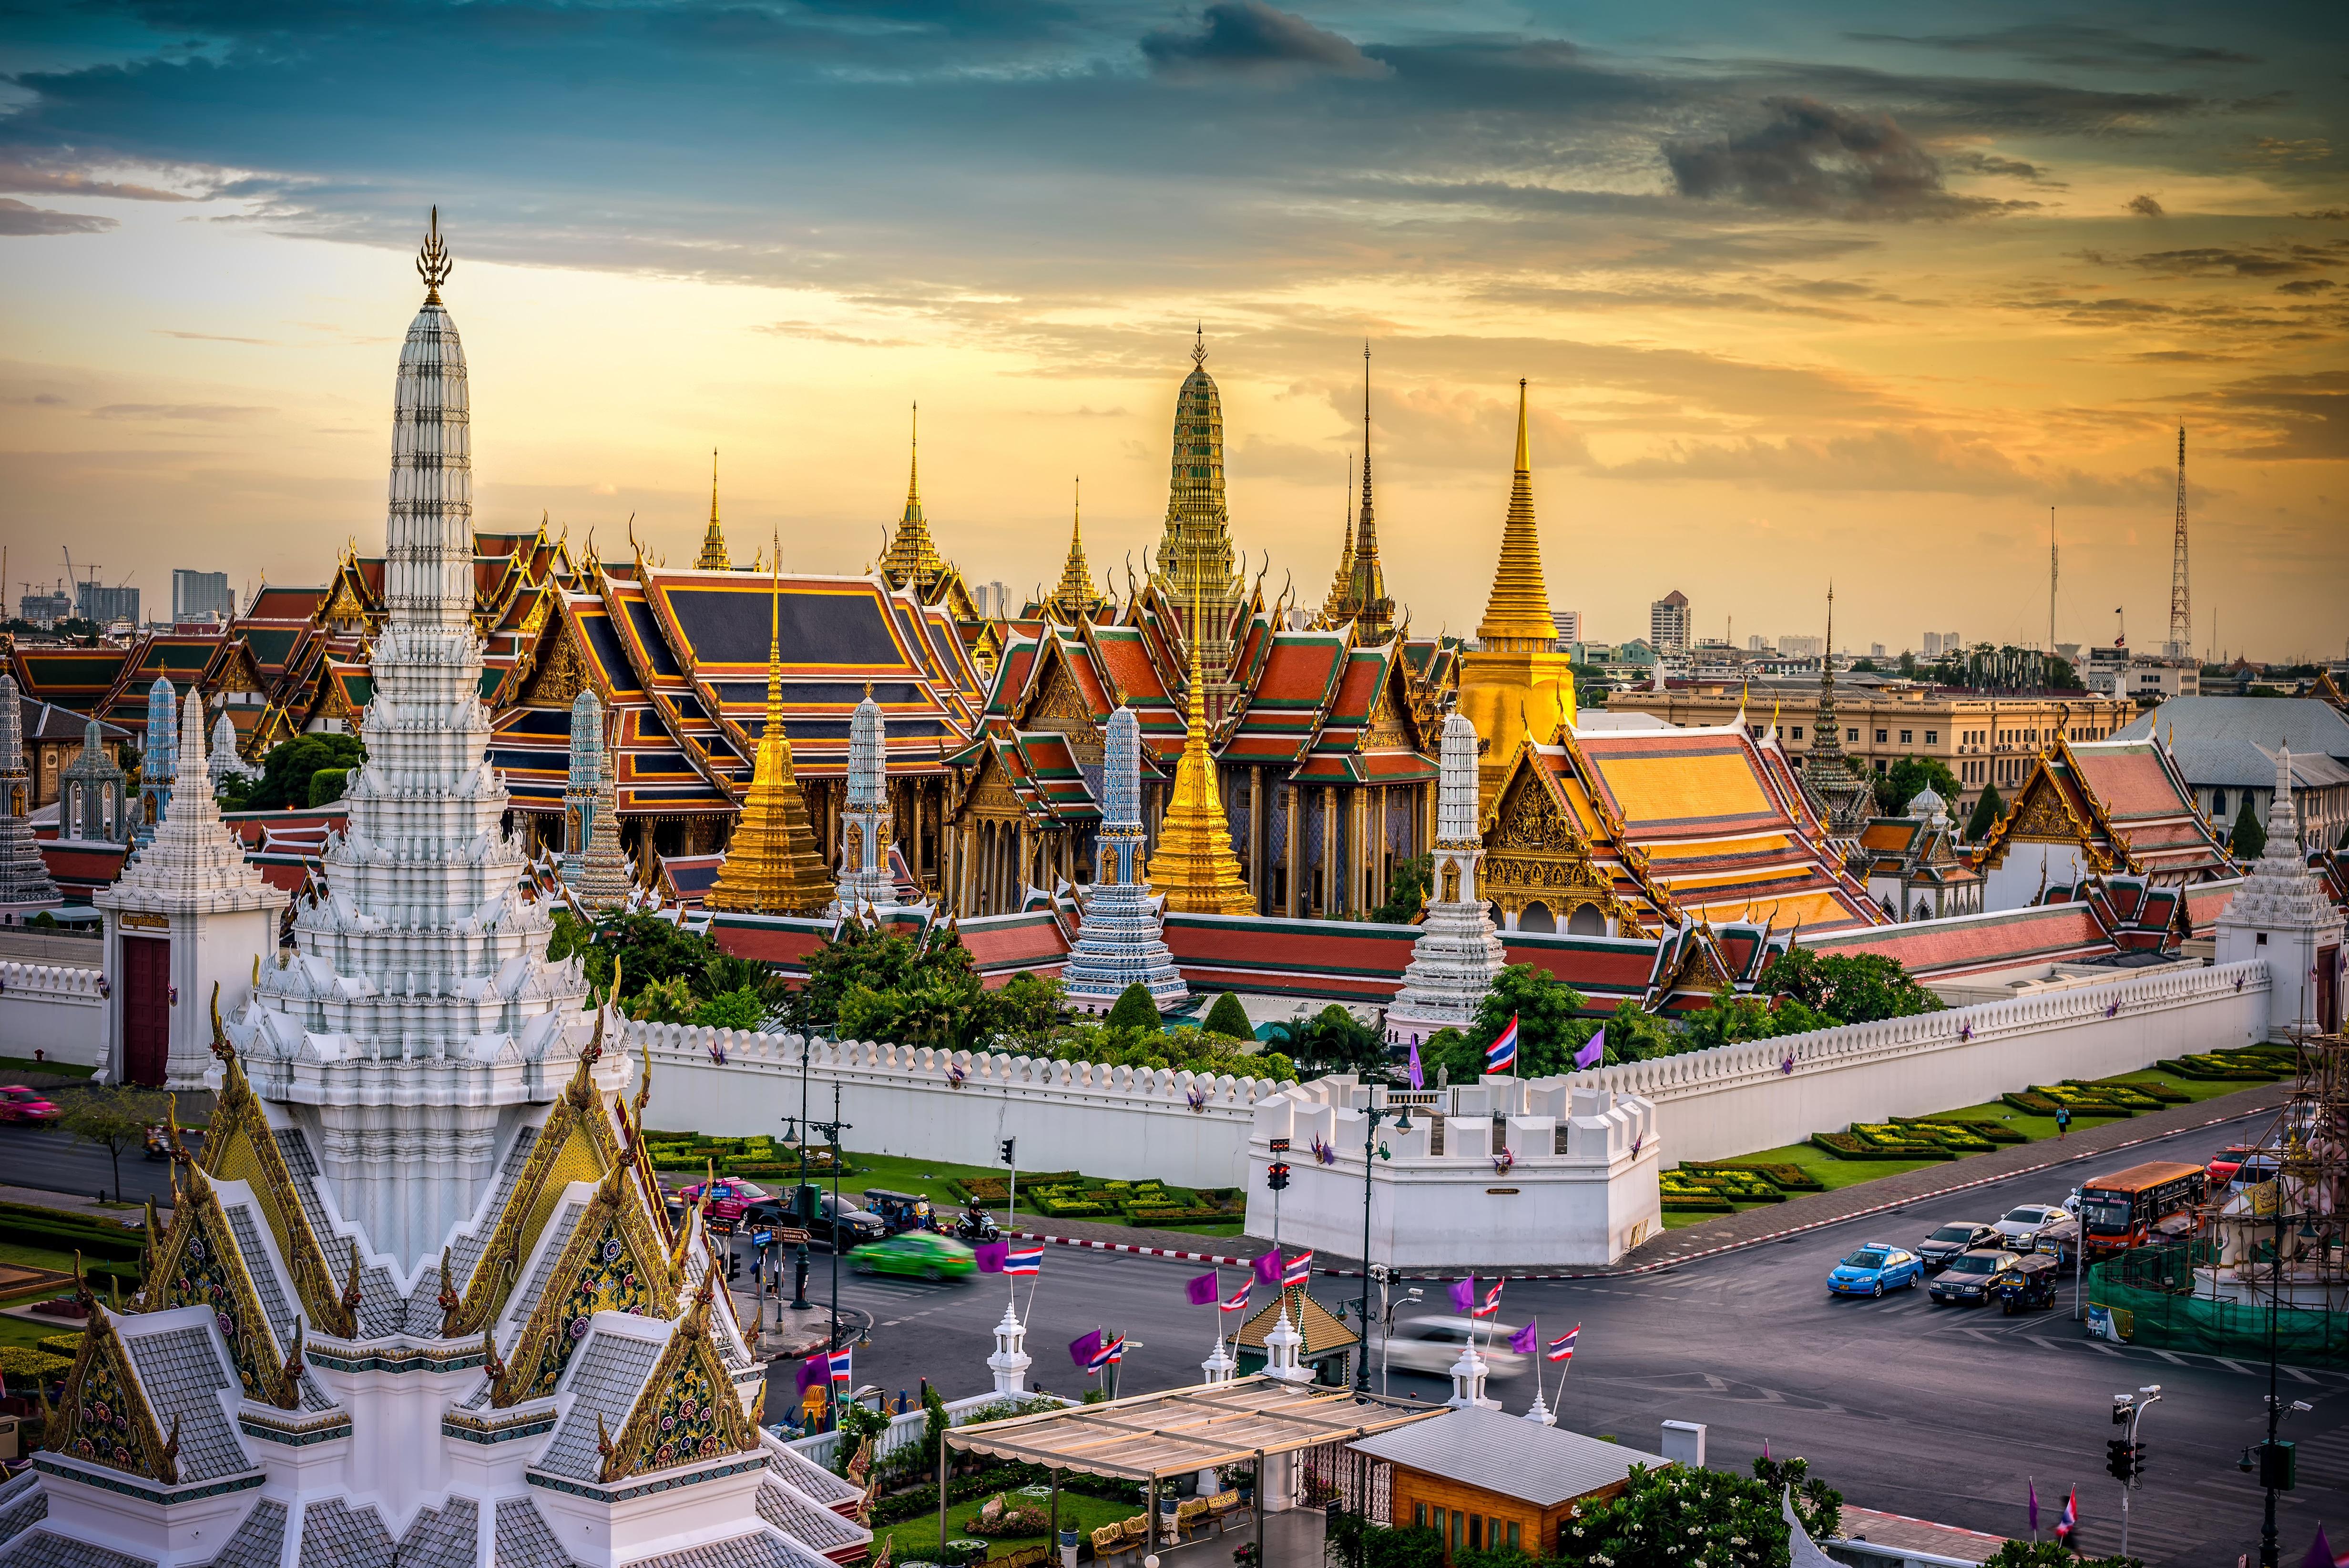 @Travel mania/Shutterstock.com